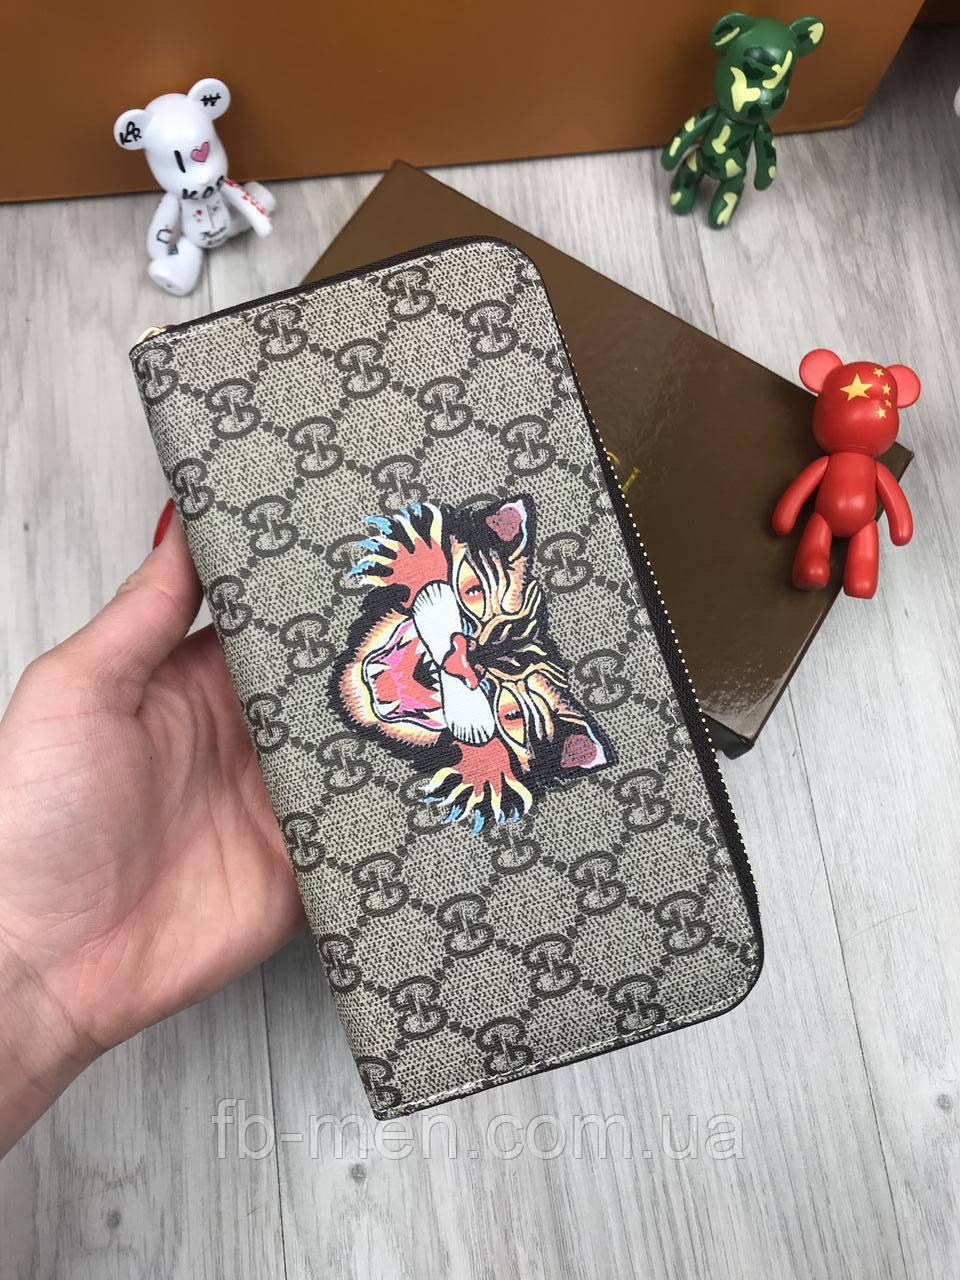 Кошелек Gucci на молнии | Бумажник мужской женский Gucci коричневый | Брендовый кошелек Гуччи для денег и карт